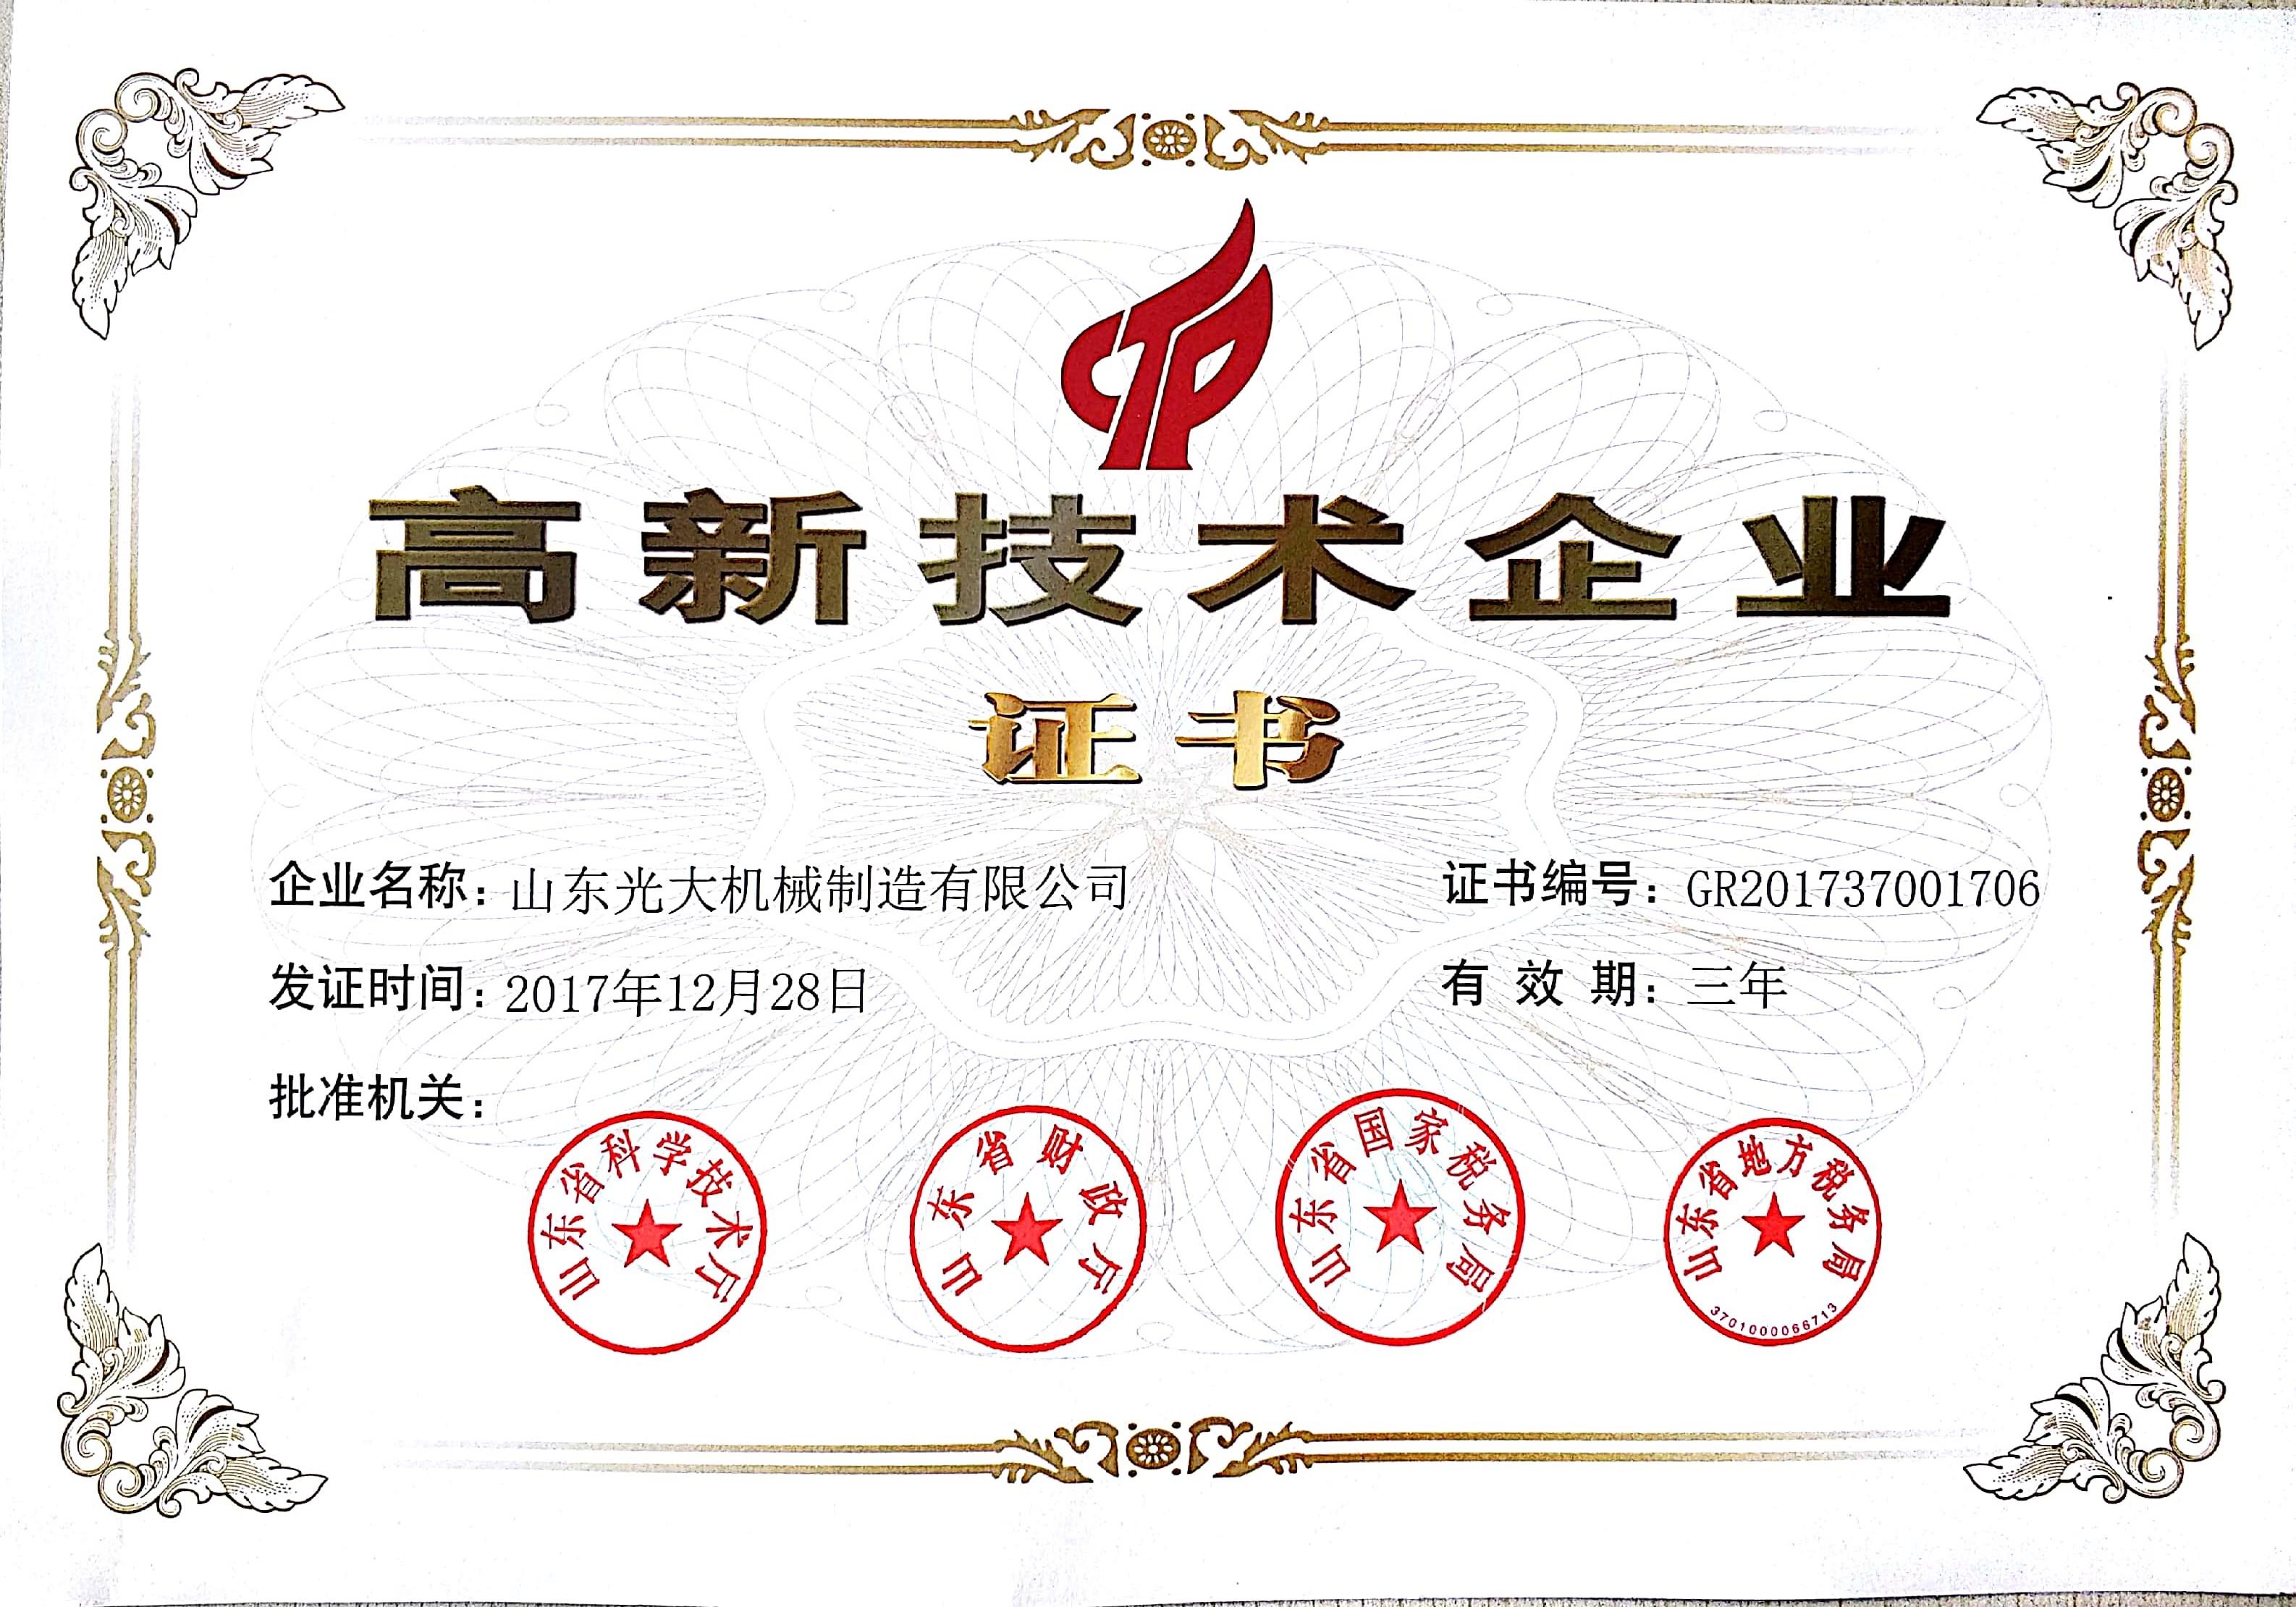 2017 高新技术企业证书